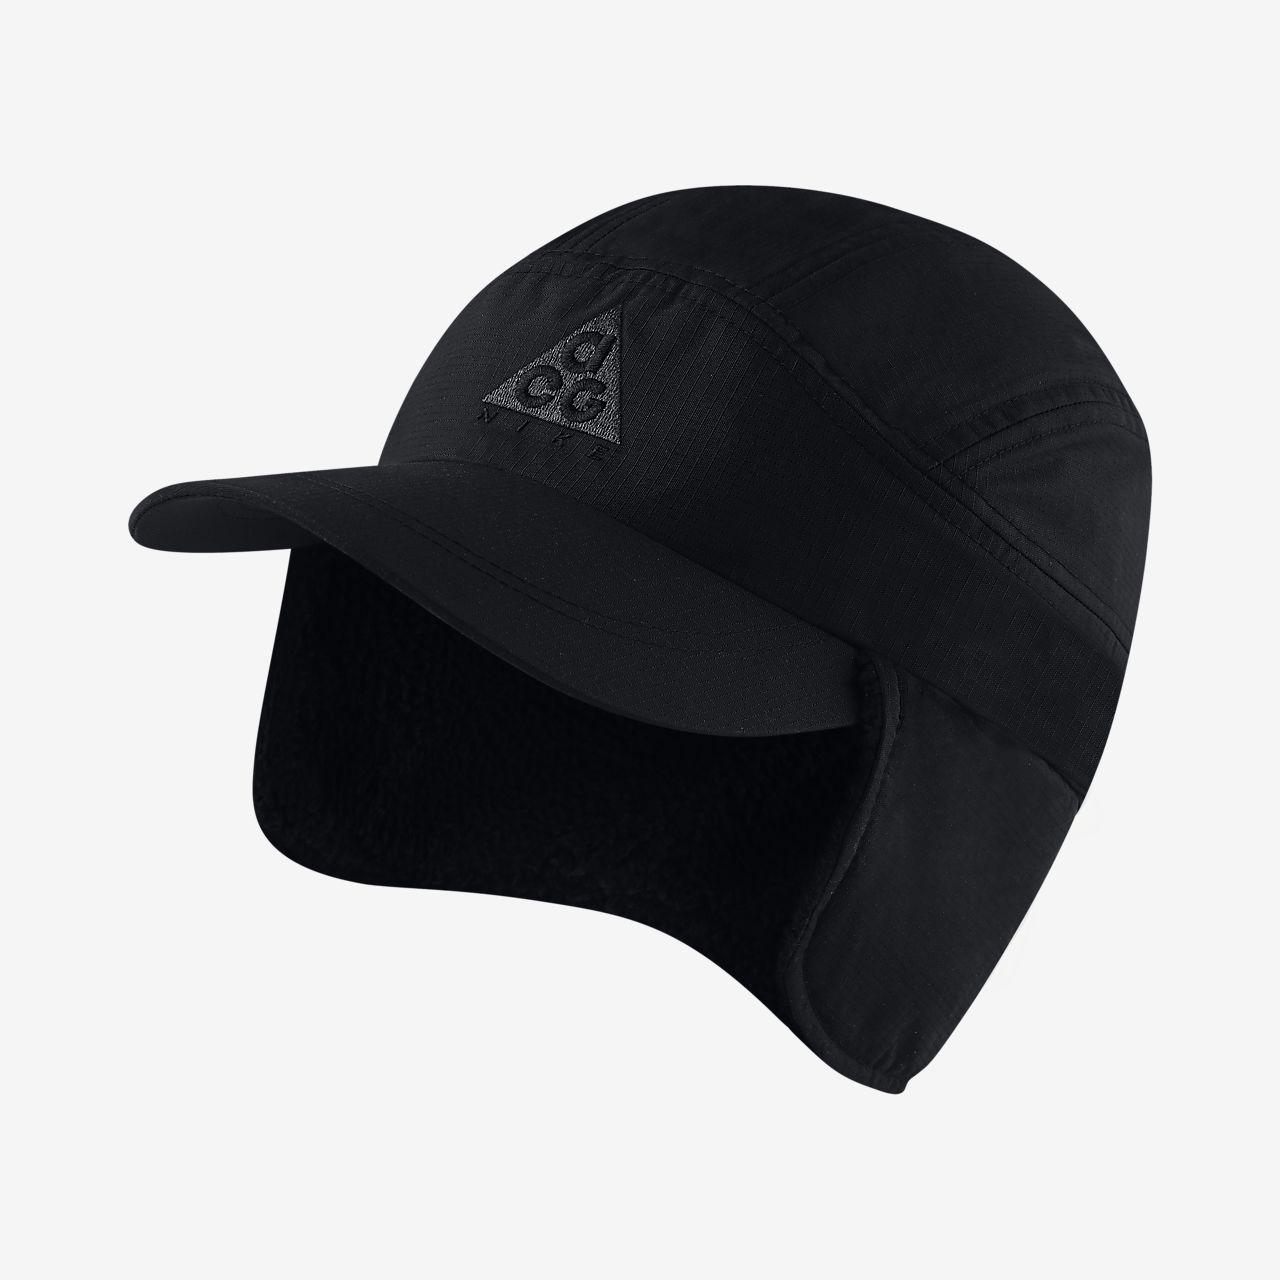 07d601ca5 Nike Sportswear Tailwind ACG Sherpa 可调节运动帽